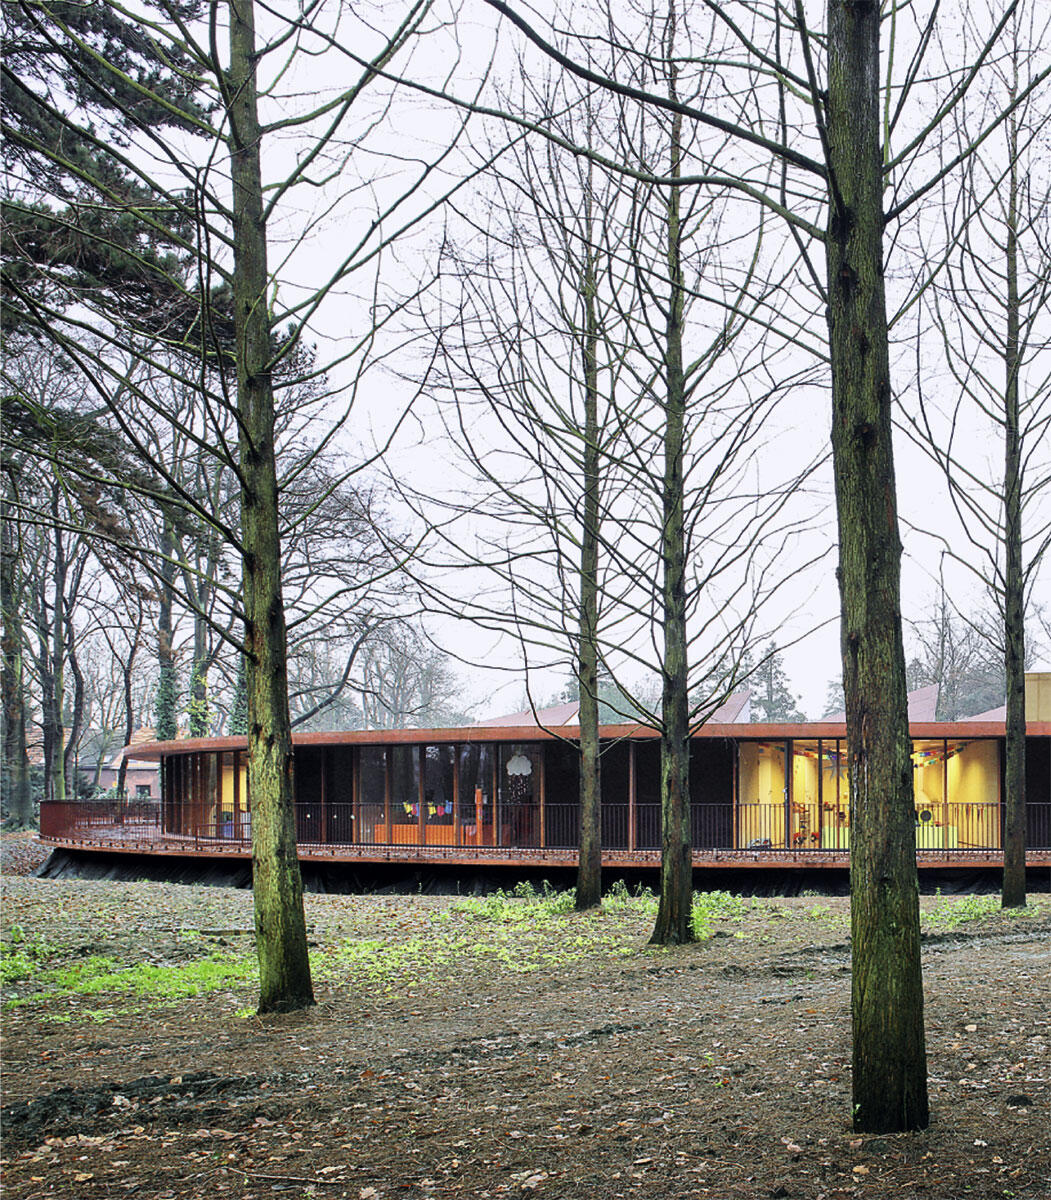 Kleinkinderschule in Merksem von 51N4E: Dunkle Ruhe- und helle Gruppenräume wechseln sich im Rund des Kinderhauses ab.